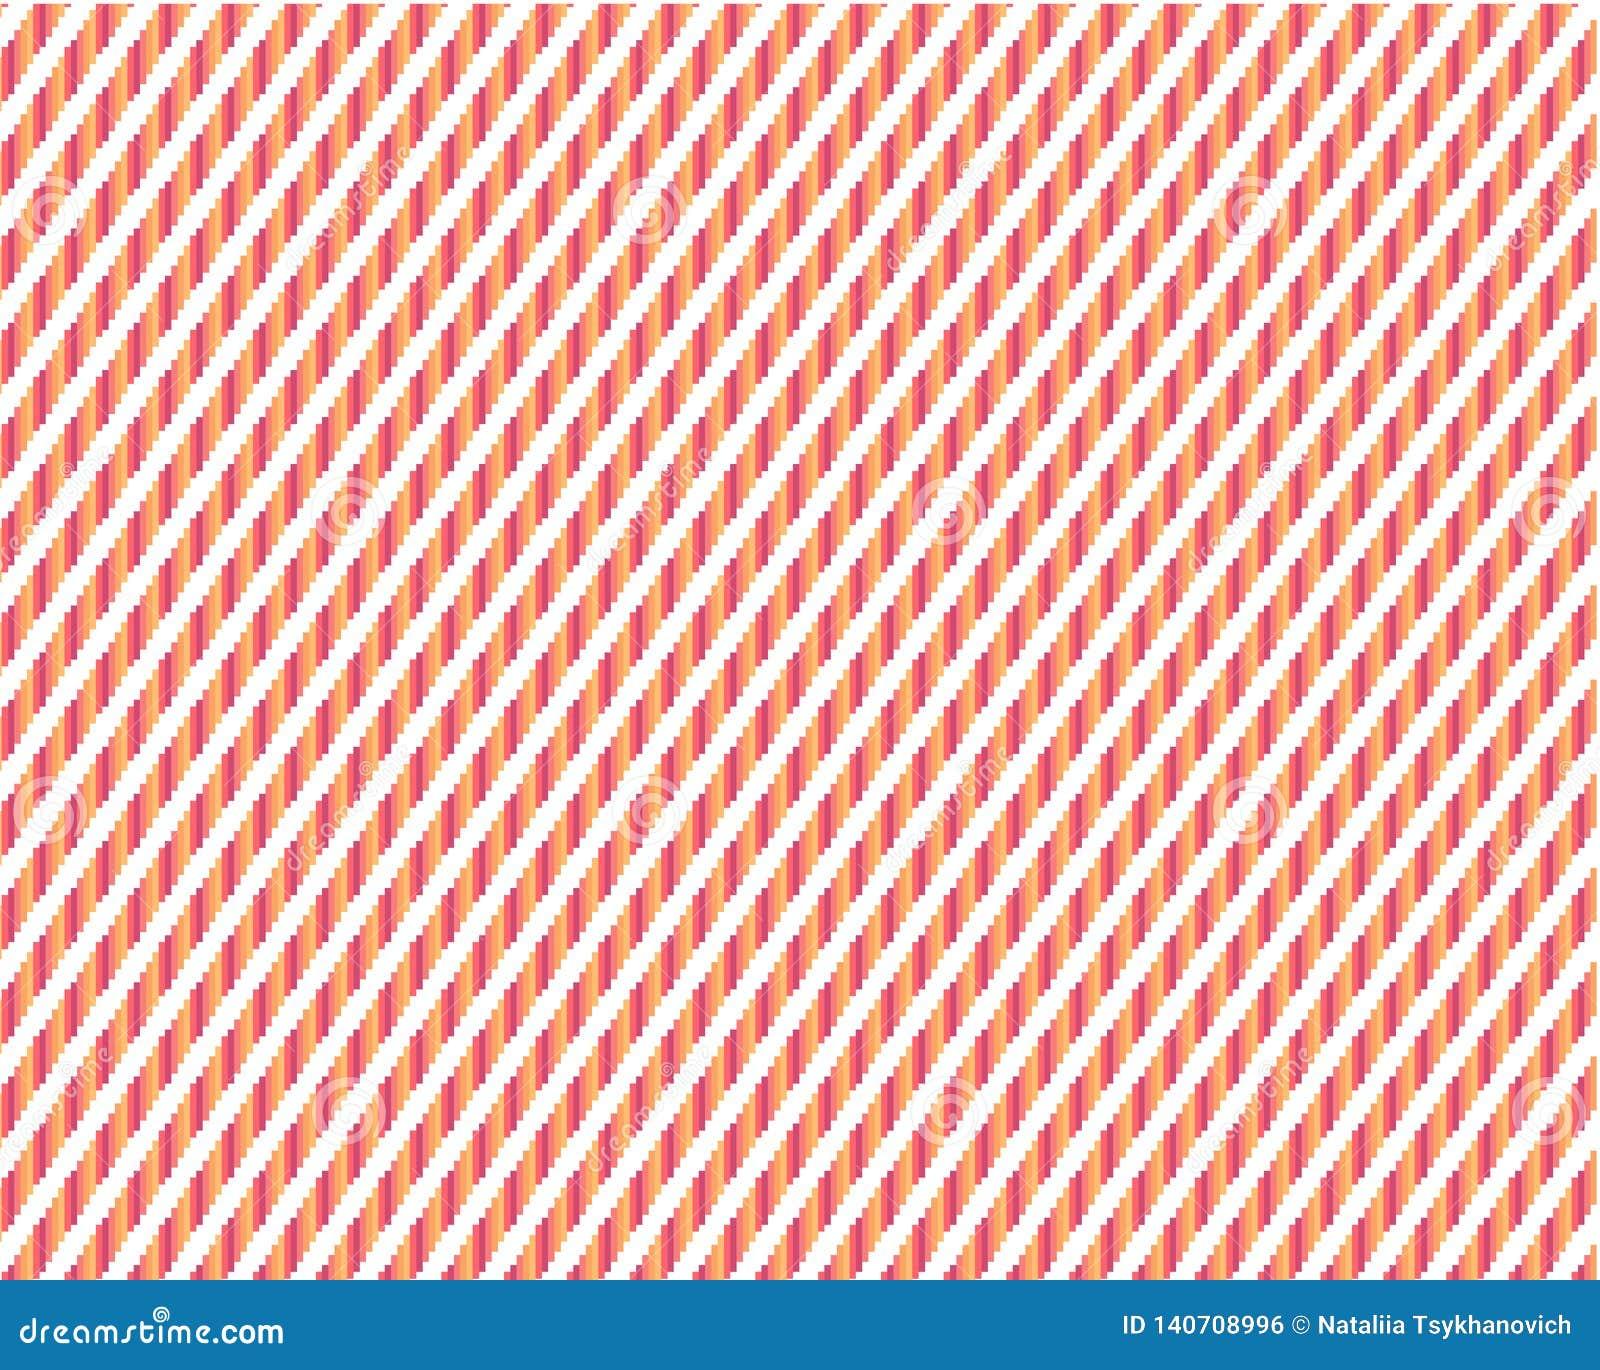 Bestehende farbige Rechtecke des geometrischen diagonalen Hintergrundes auf einem weißen Hintergrund